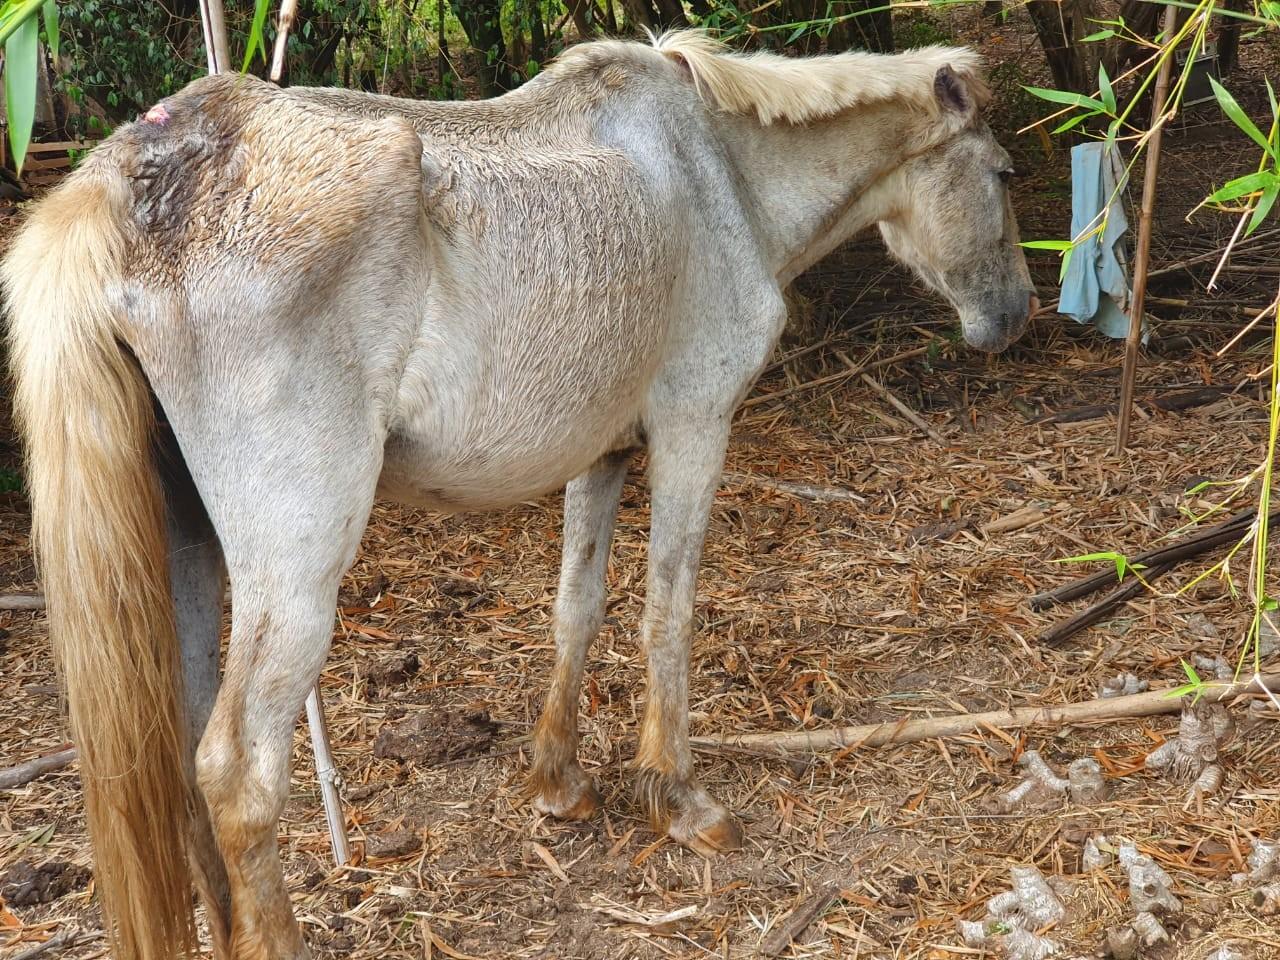 Polícia Ambiental flagra cavalo em situação de maus-tratos e apreende espingardas na zona rural de Agudos